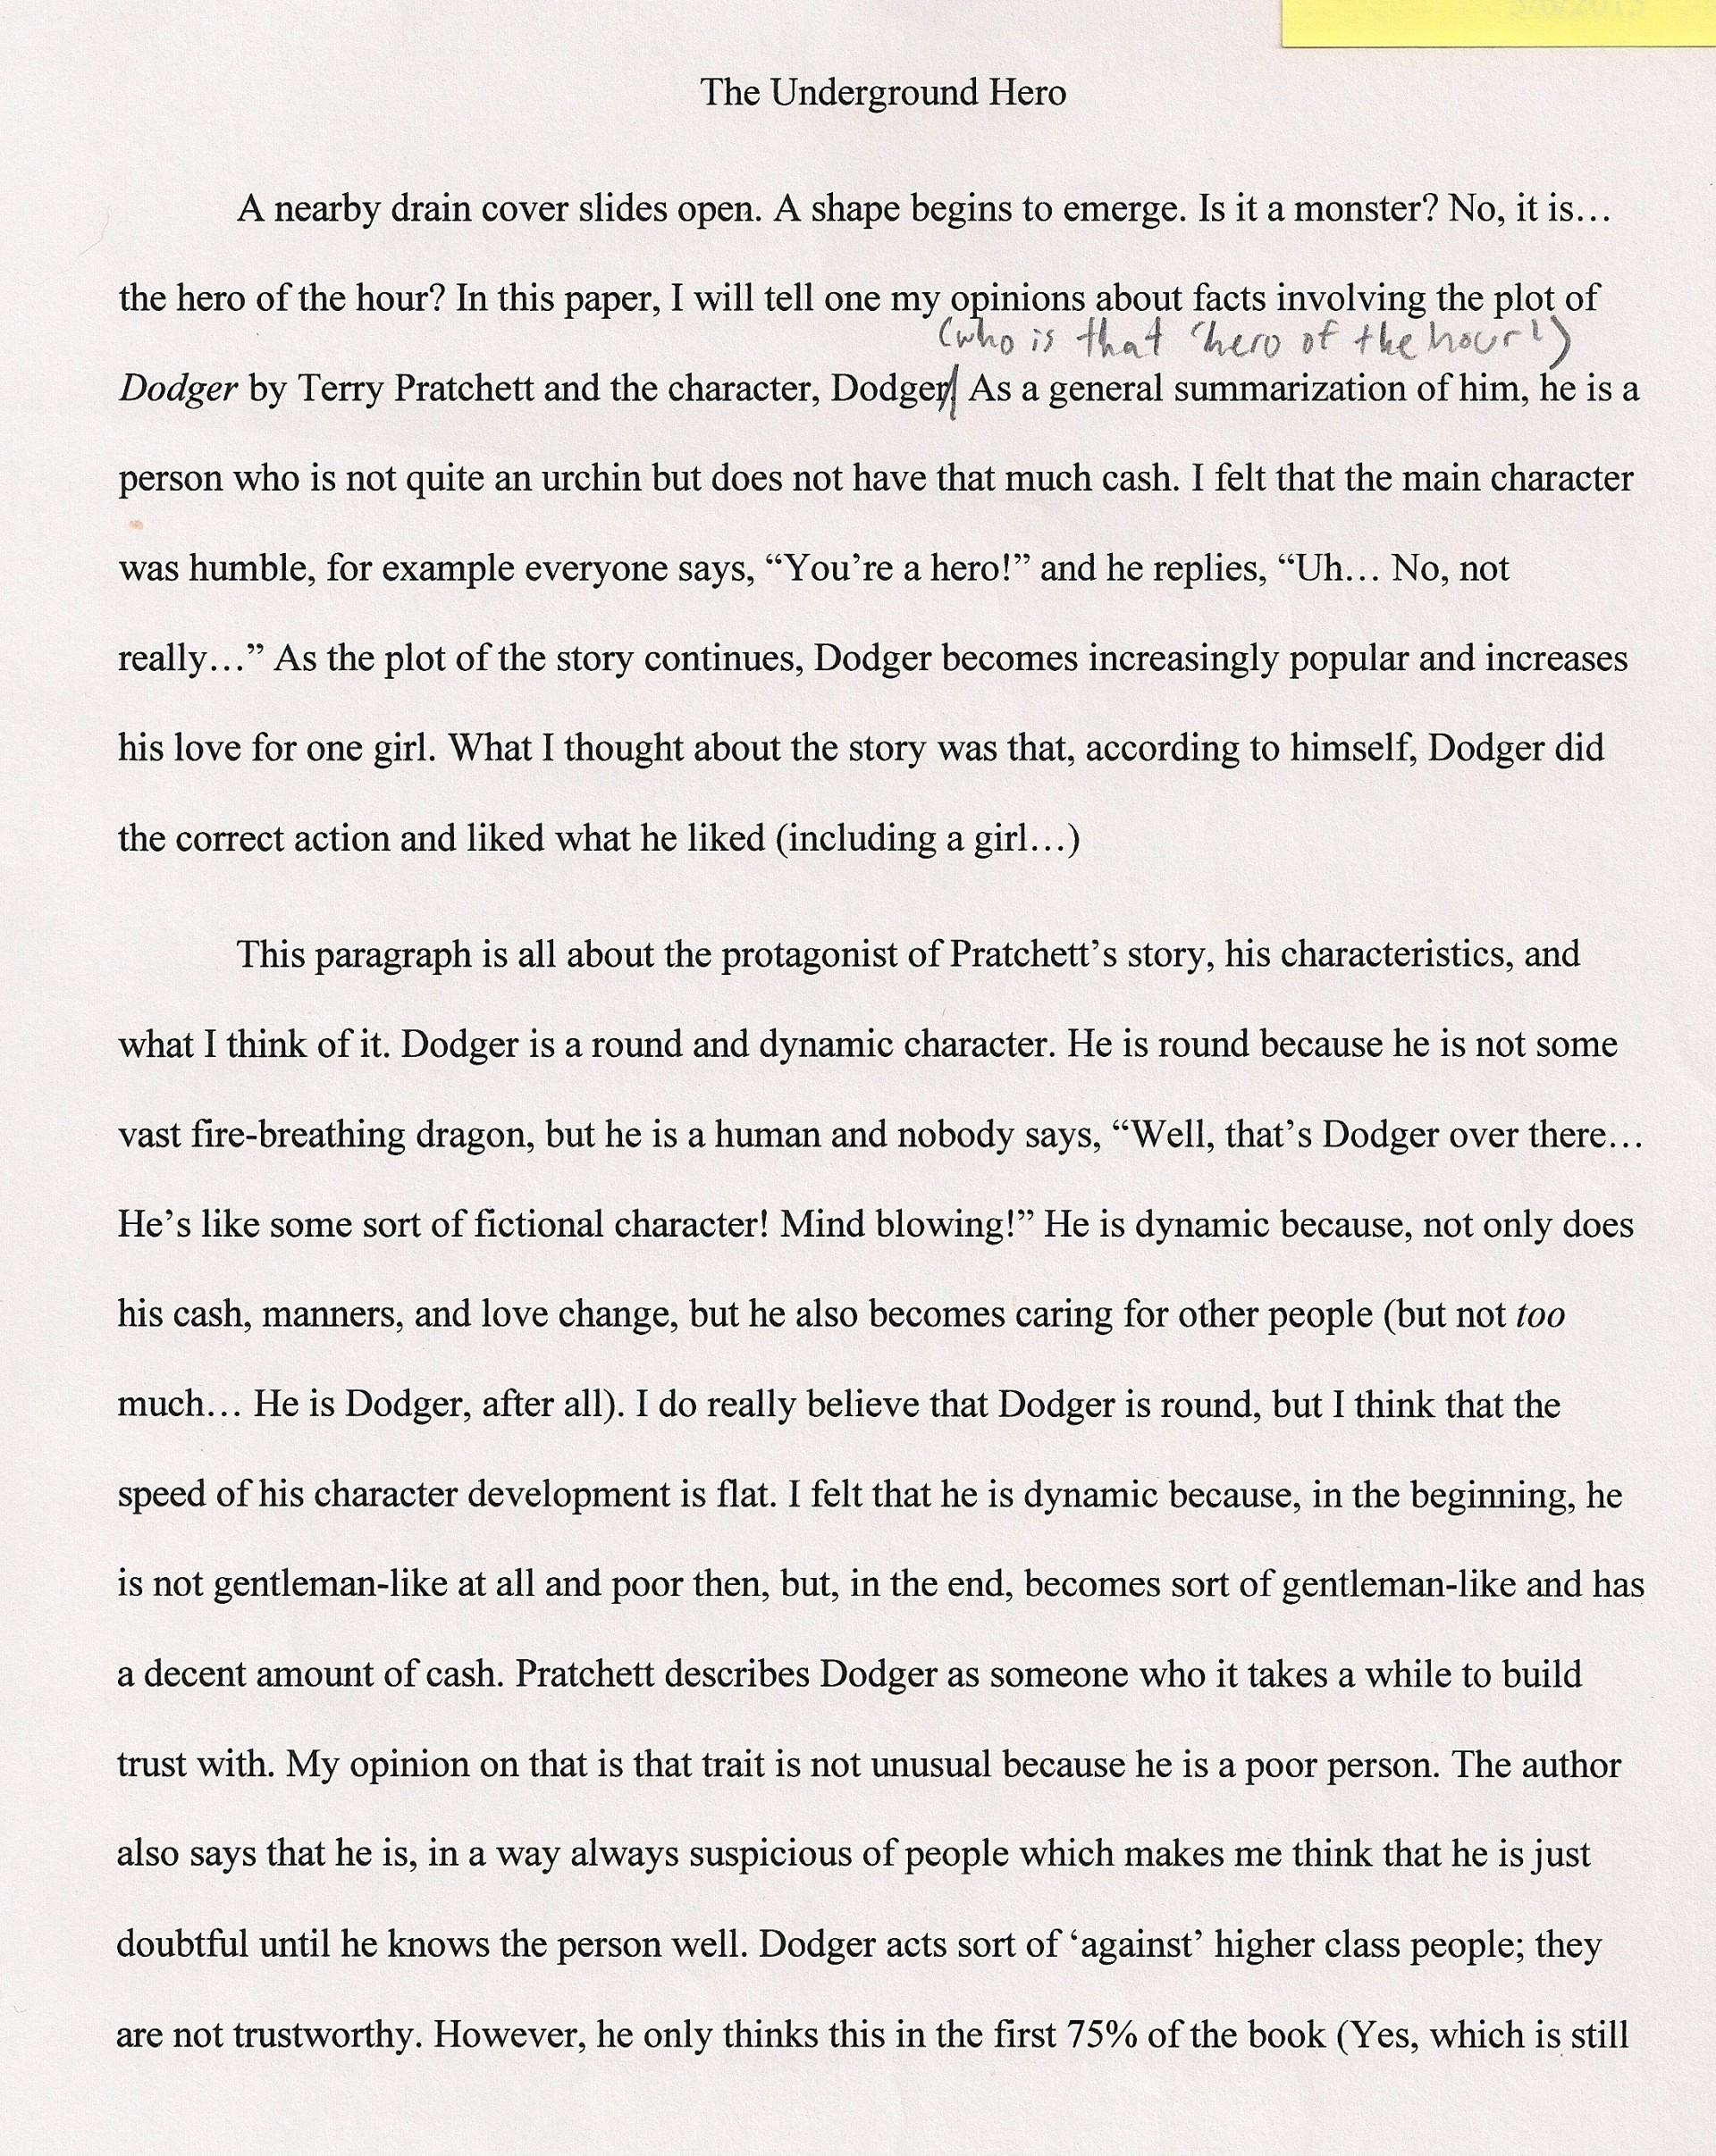 001 Heros Essay Example The Underground Hero Beautiful Hero's Journey Titles Heroes Robert Cormier Questions Outline 1920